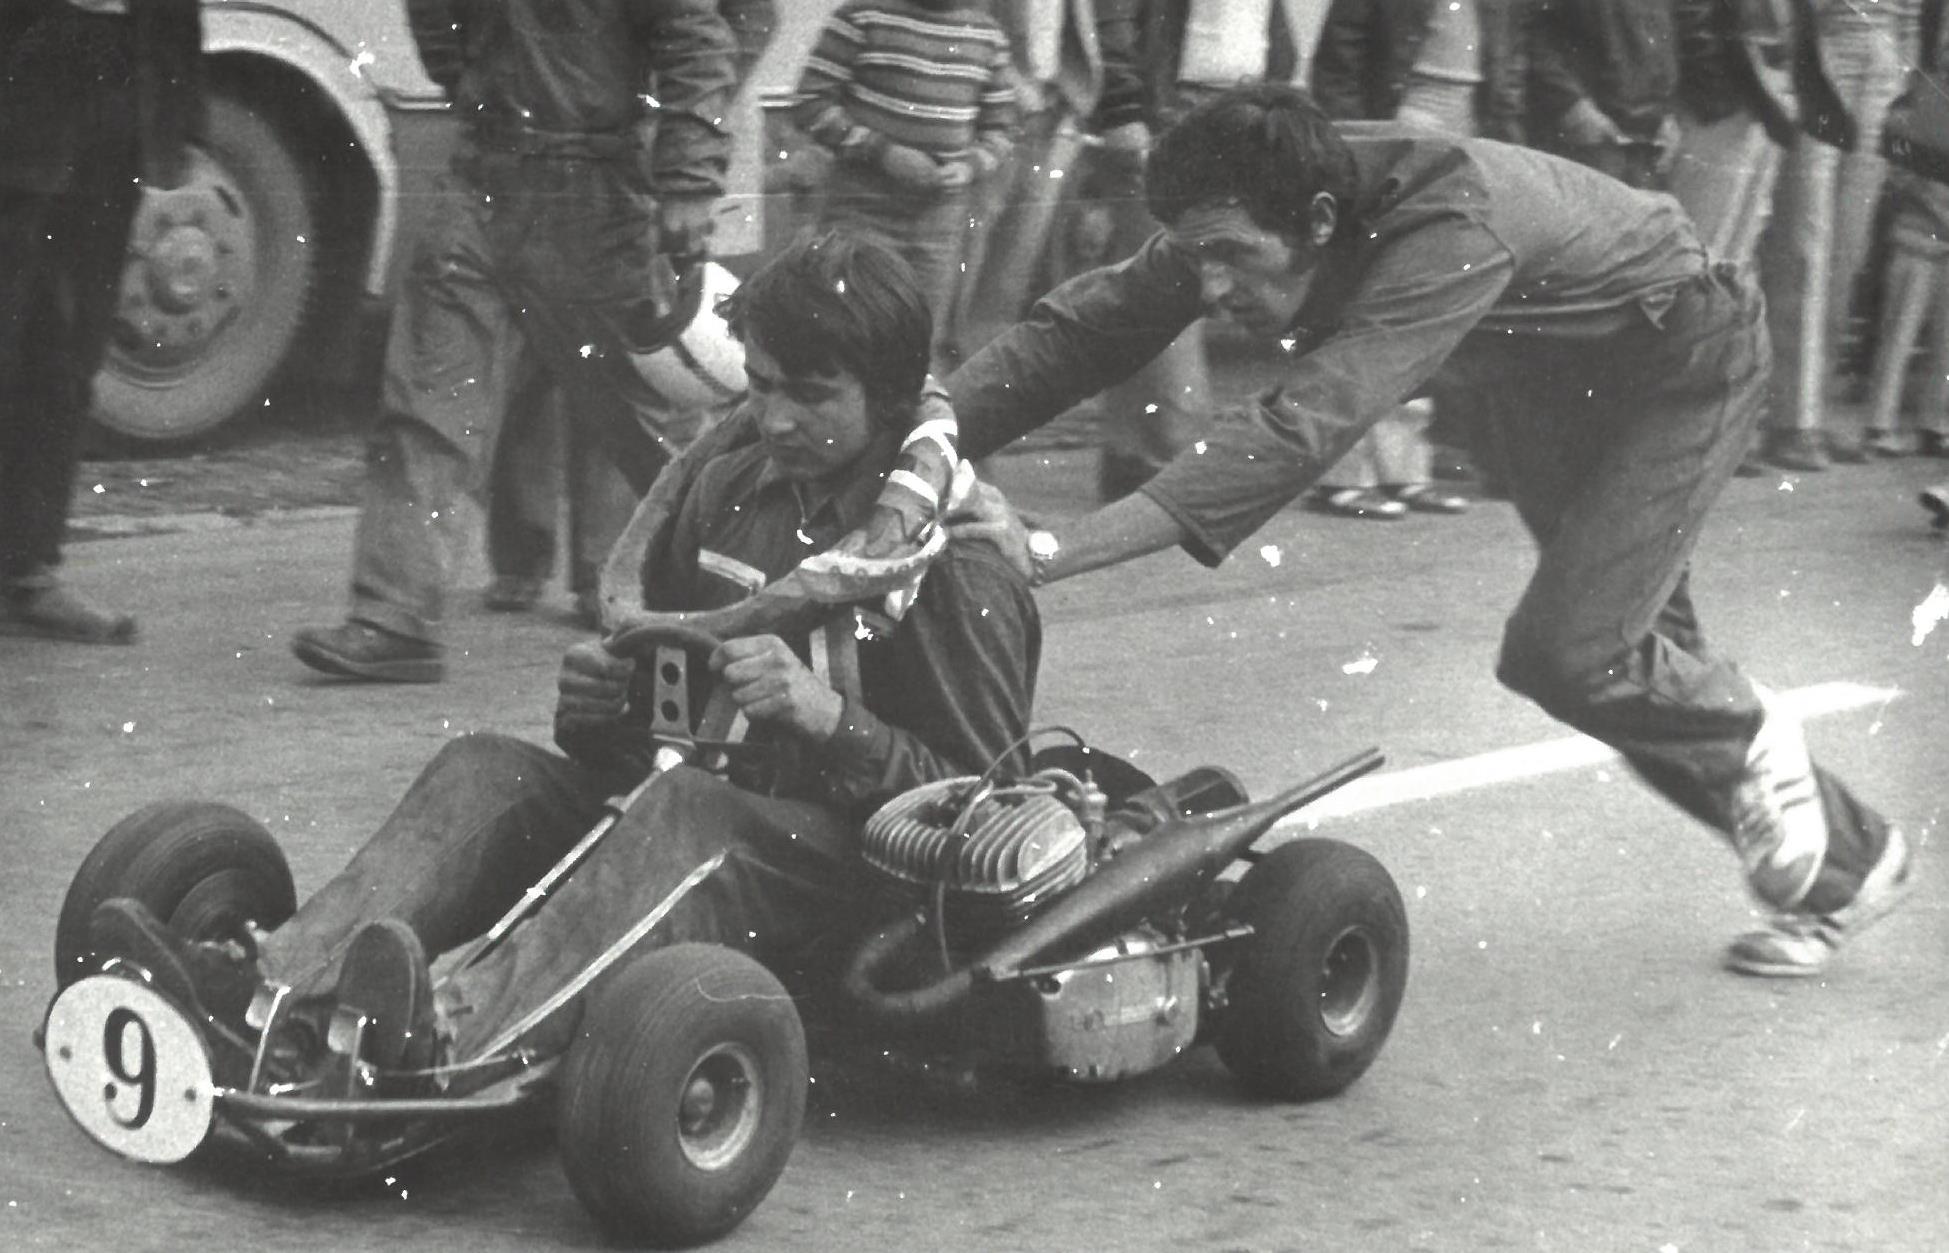 1973 Přebor ČSR Prachatice roztlačuje starší bratr Josef